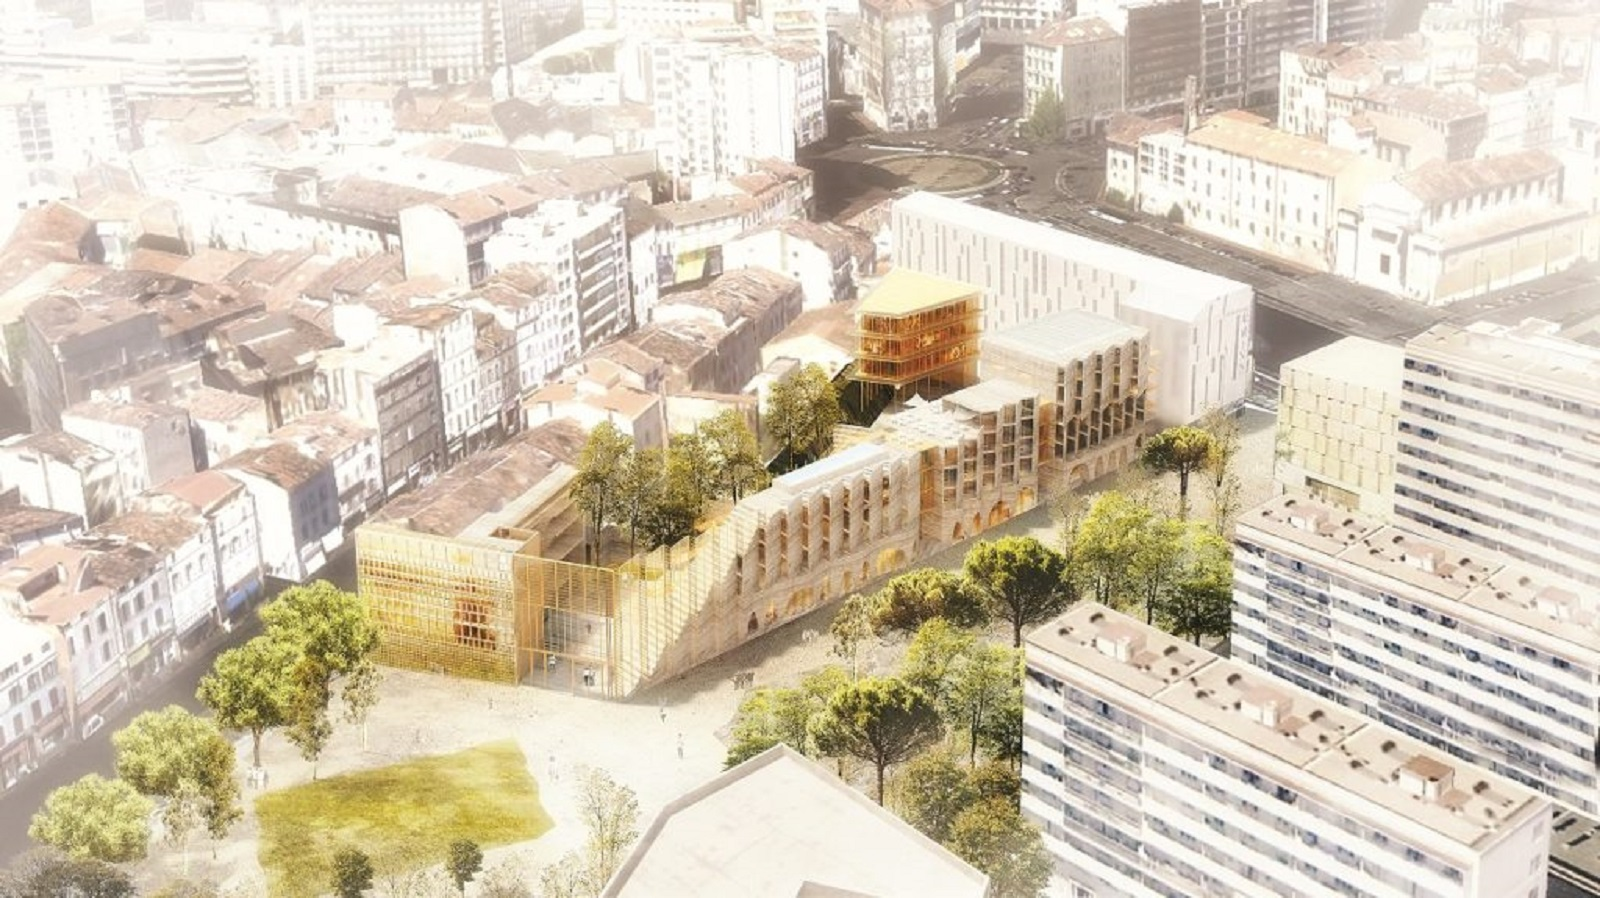 projet urbain marseille ilot sur le parc laureat